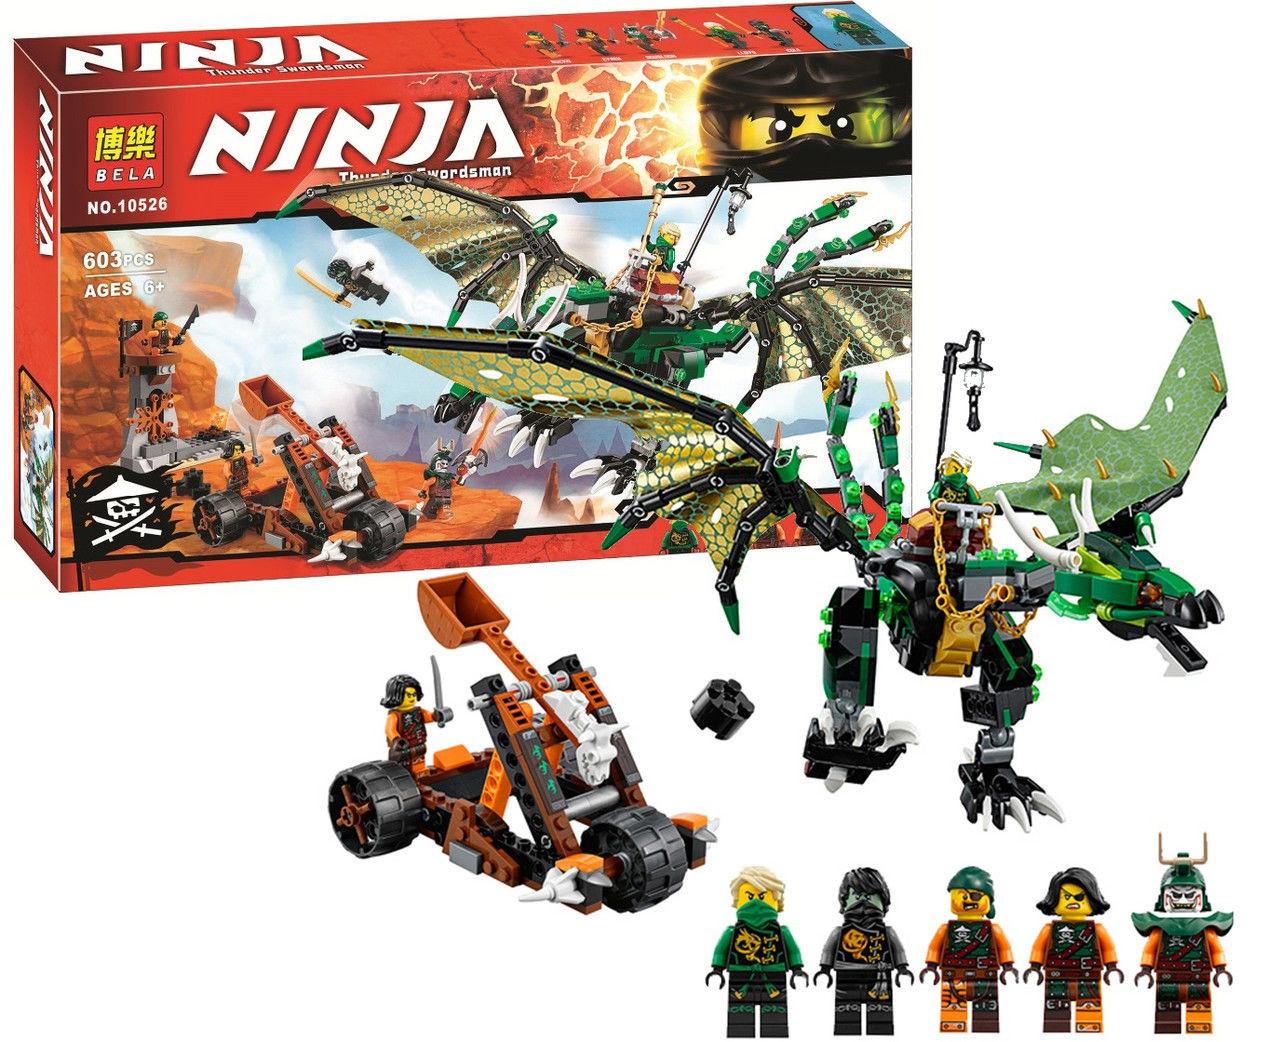 """Конструктор Bela Ninja """"Зелёный энерджи дракон Ллойда""""  арт. 10526 (79345)"""